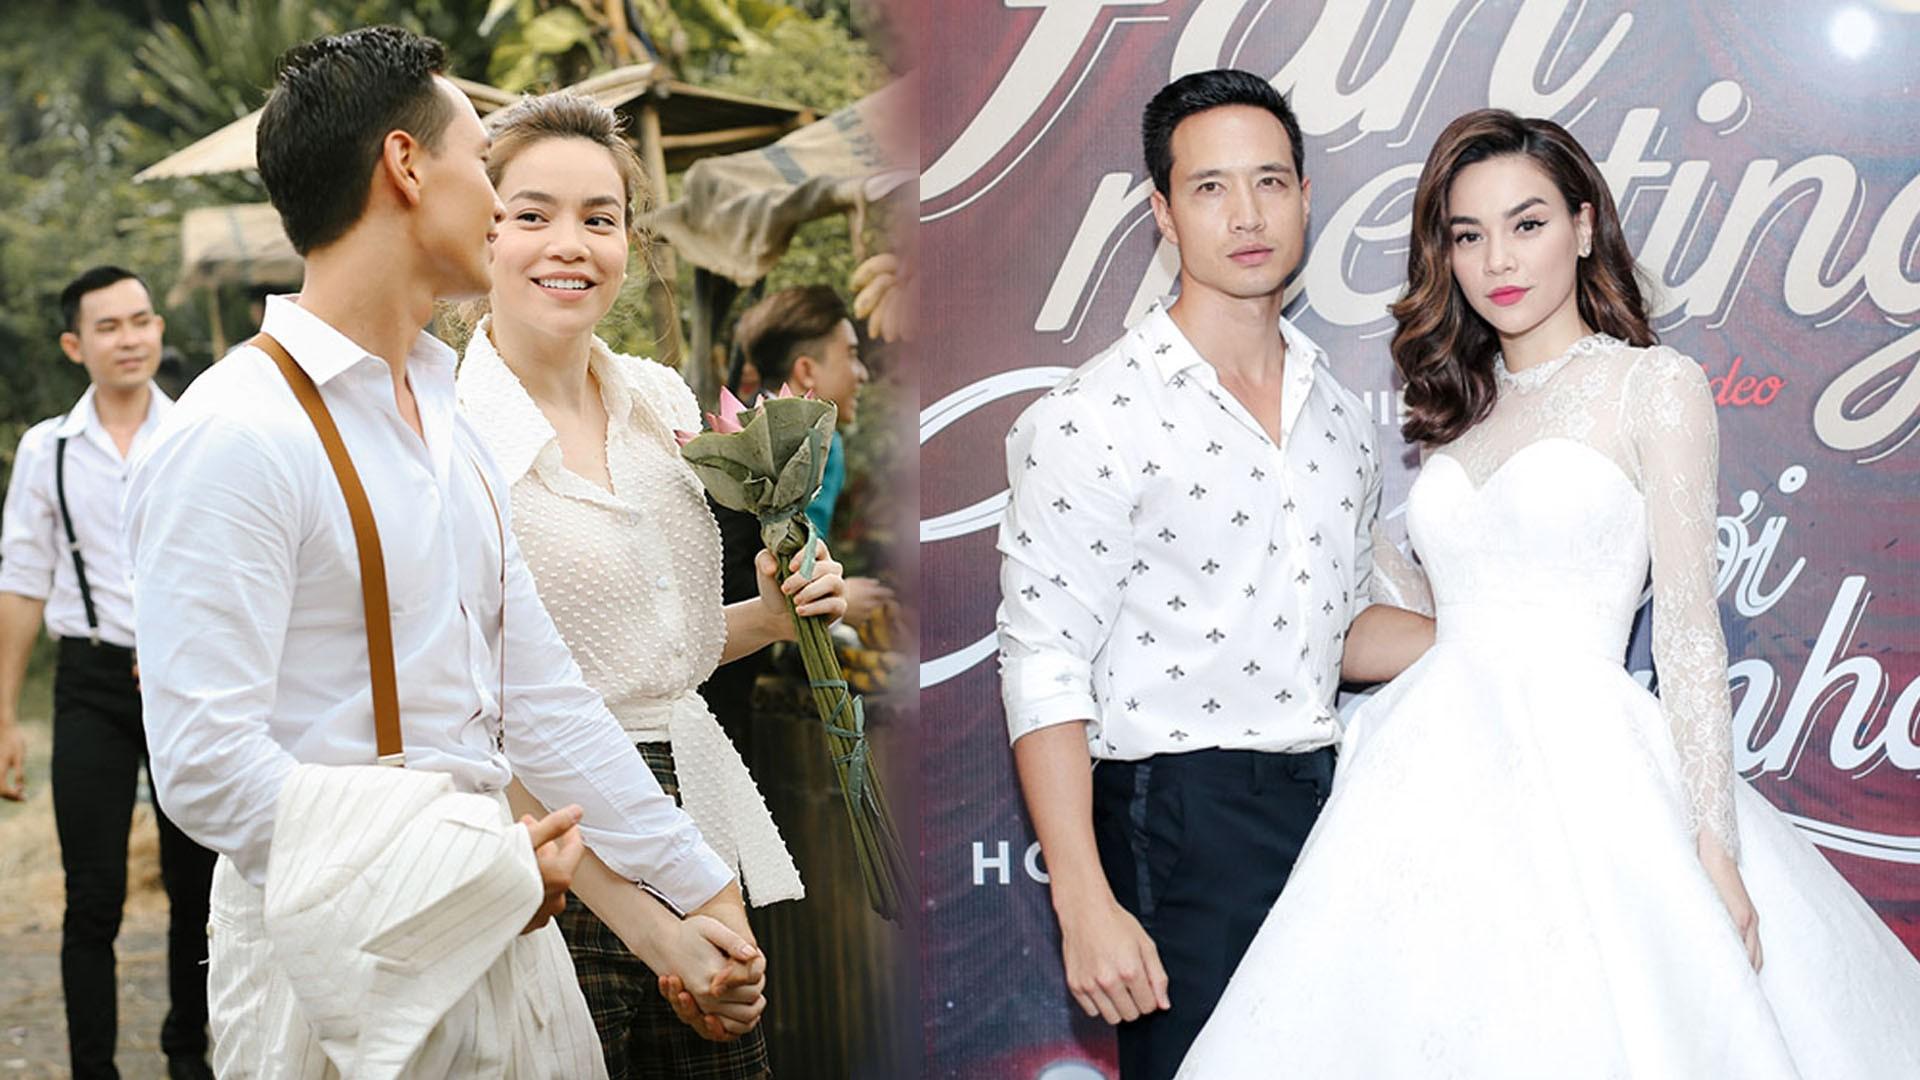 Hà Hồ công khai khen Kim Lý đẹp trai giữa thời điểm xuất hiện tin đồn sắp kết hôn - Ảnh 3.